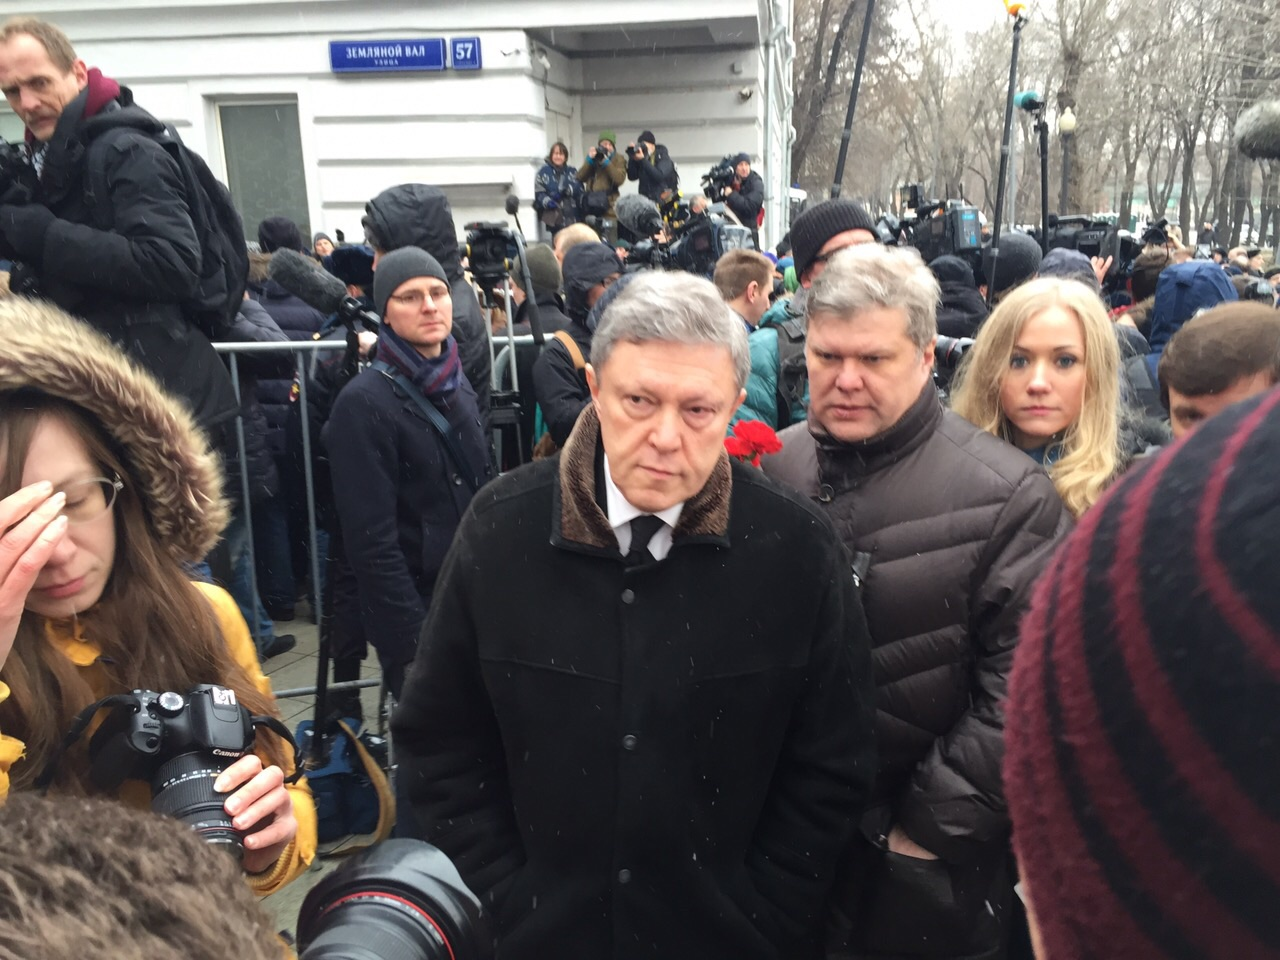 Политические деятели Григорий Явлинский и Сергей Митрохин